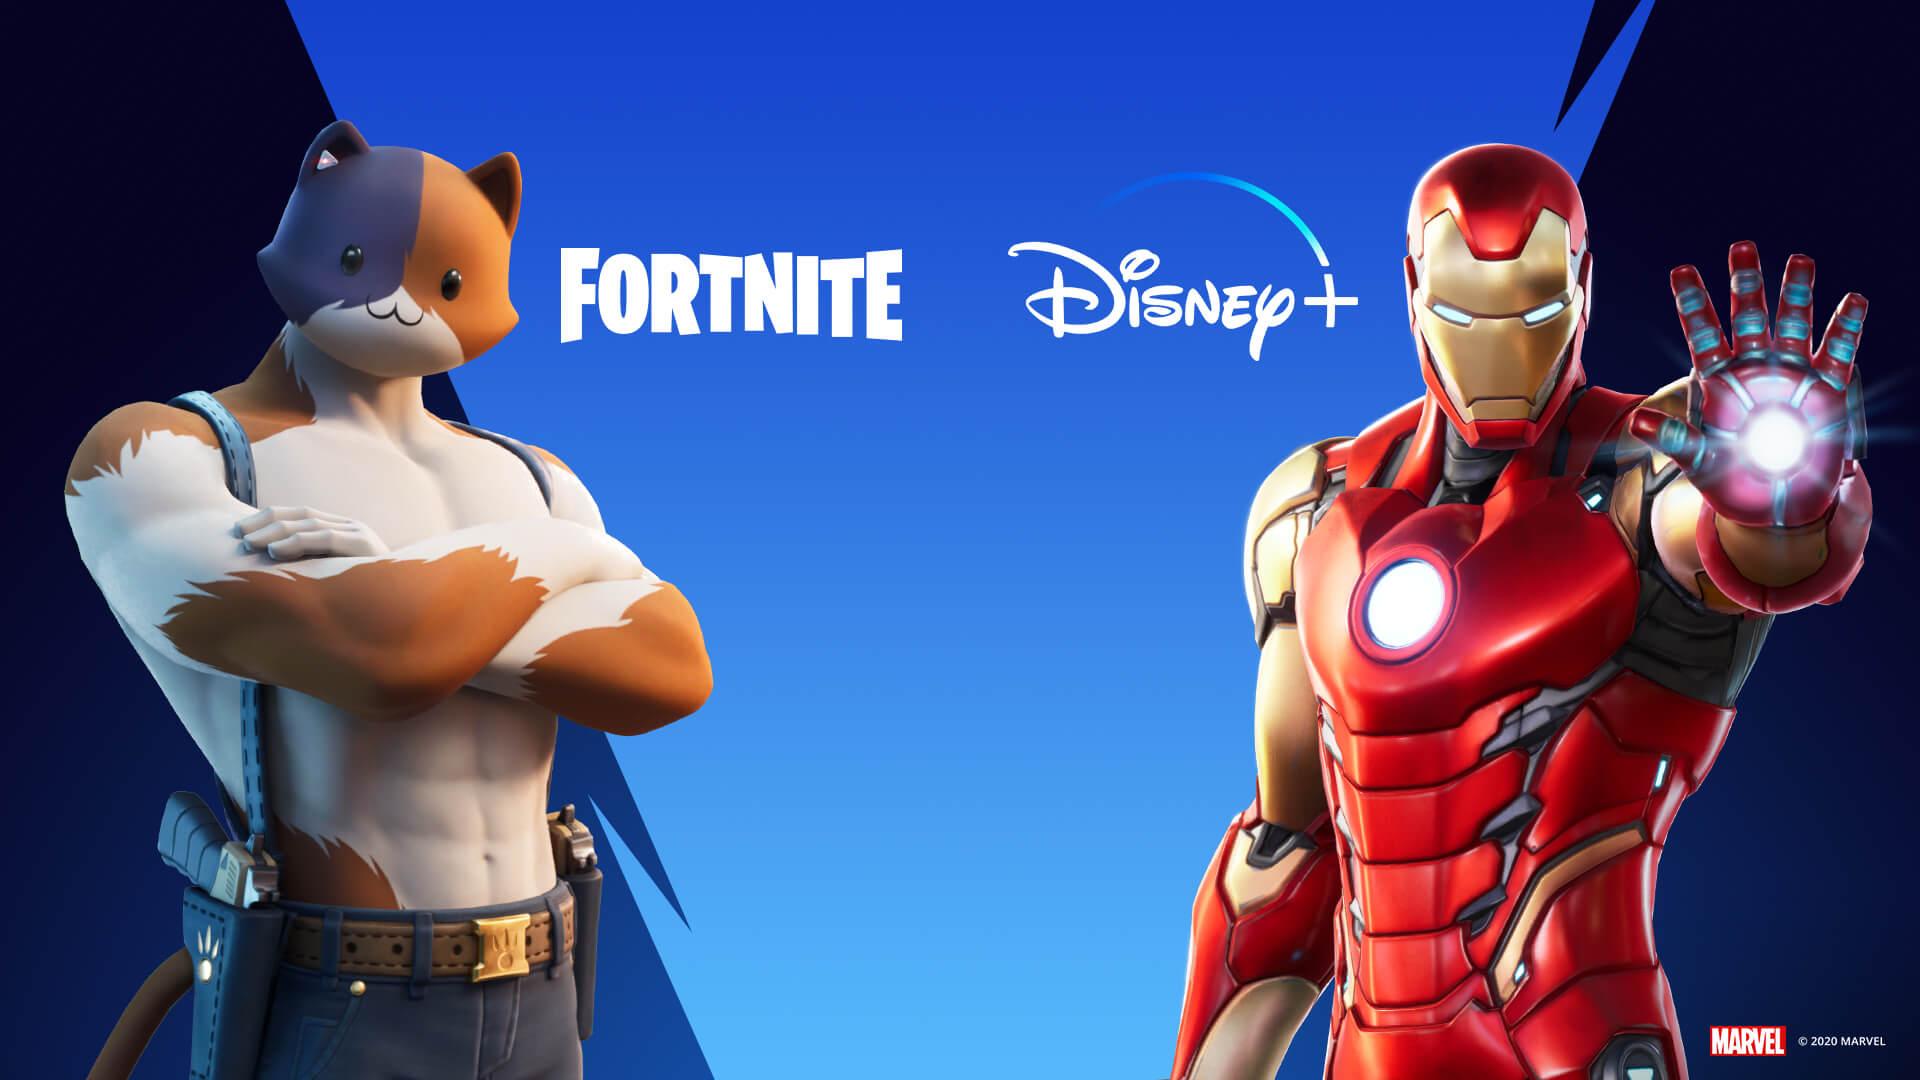 Disney+ 1 Monat kostenlos für Fortnite Gamer, die 2020 etwas im Spiel gekauft haben